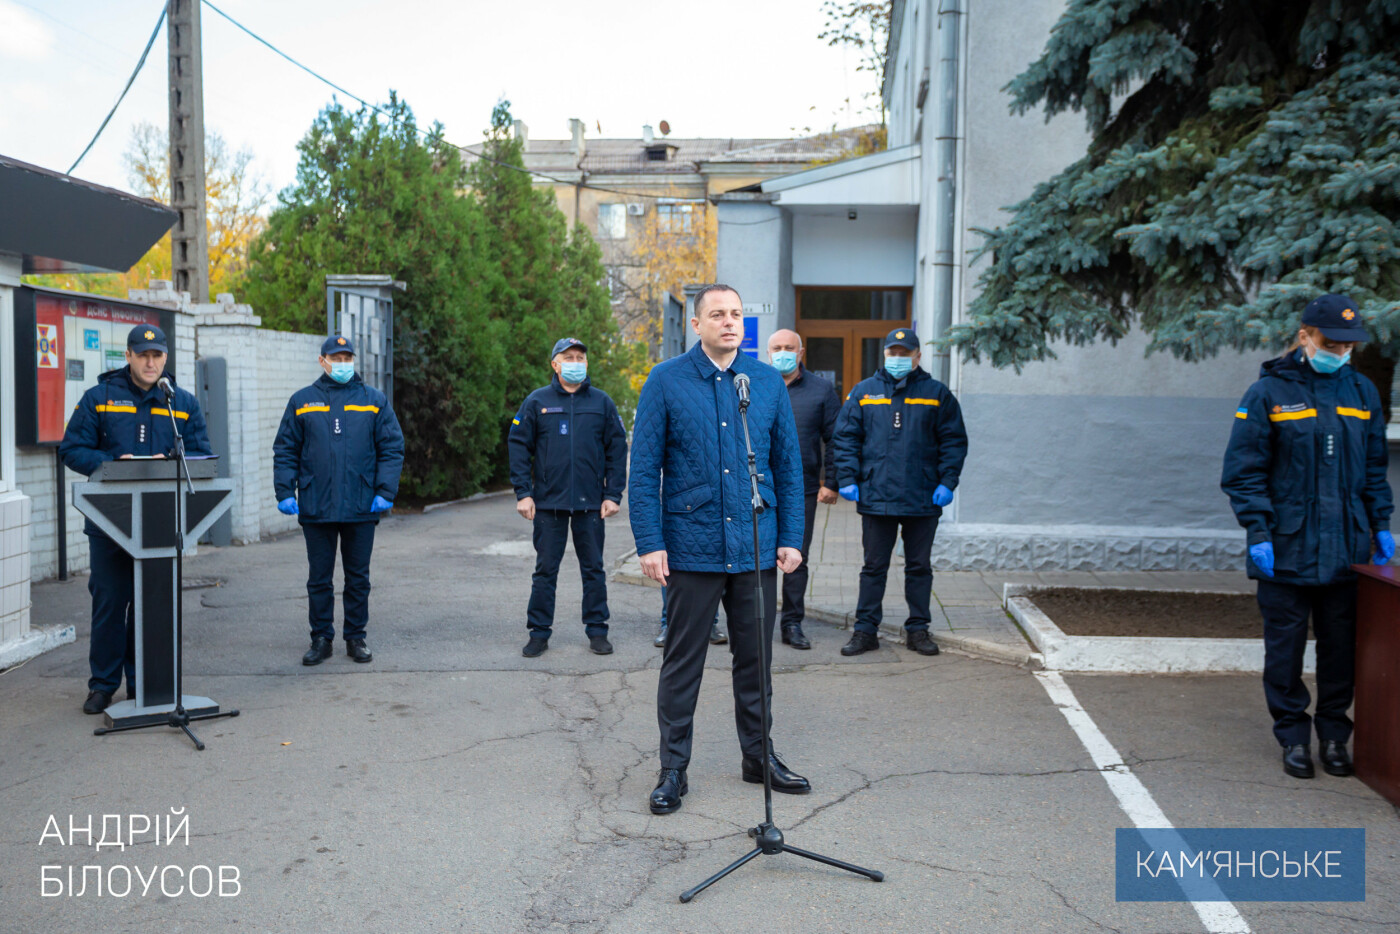 Спасателей Каменского наградили за тушение пожара в Луганской области, фото-2